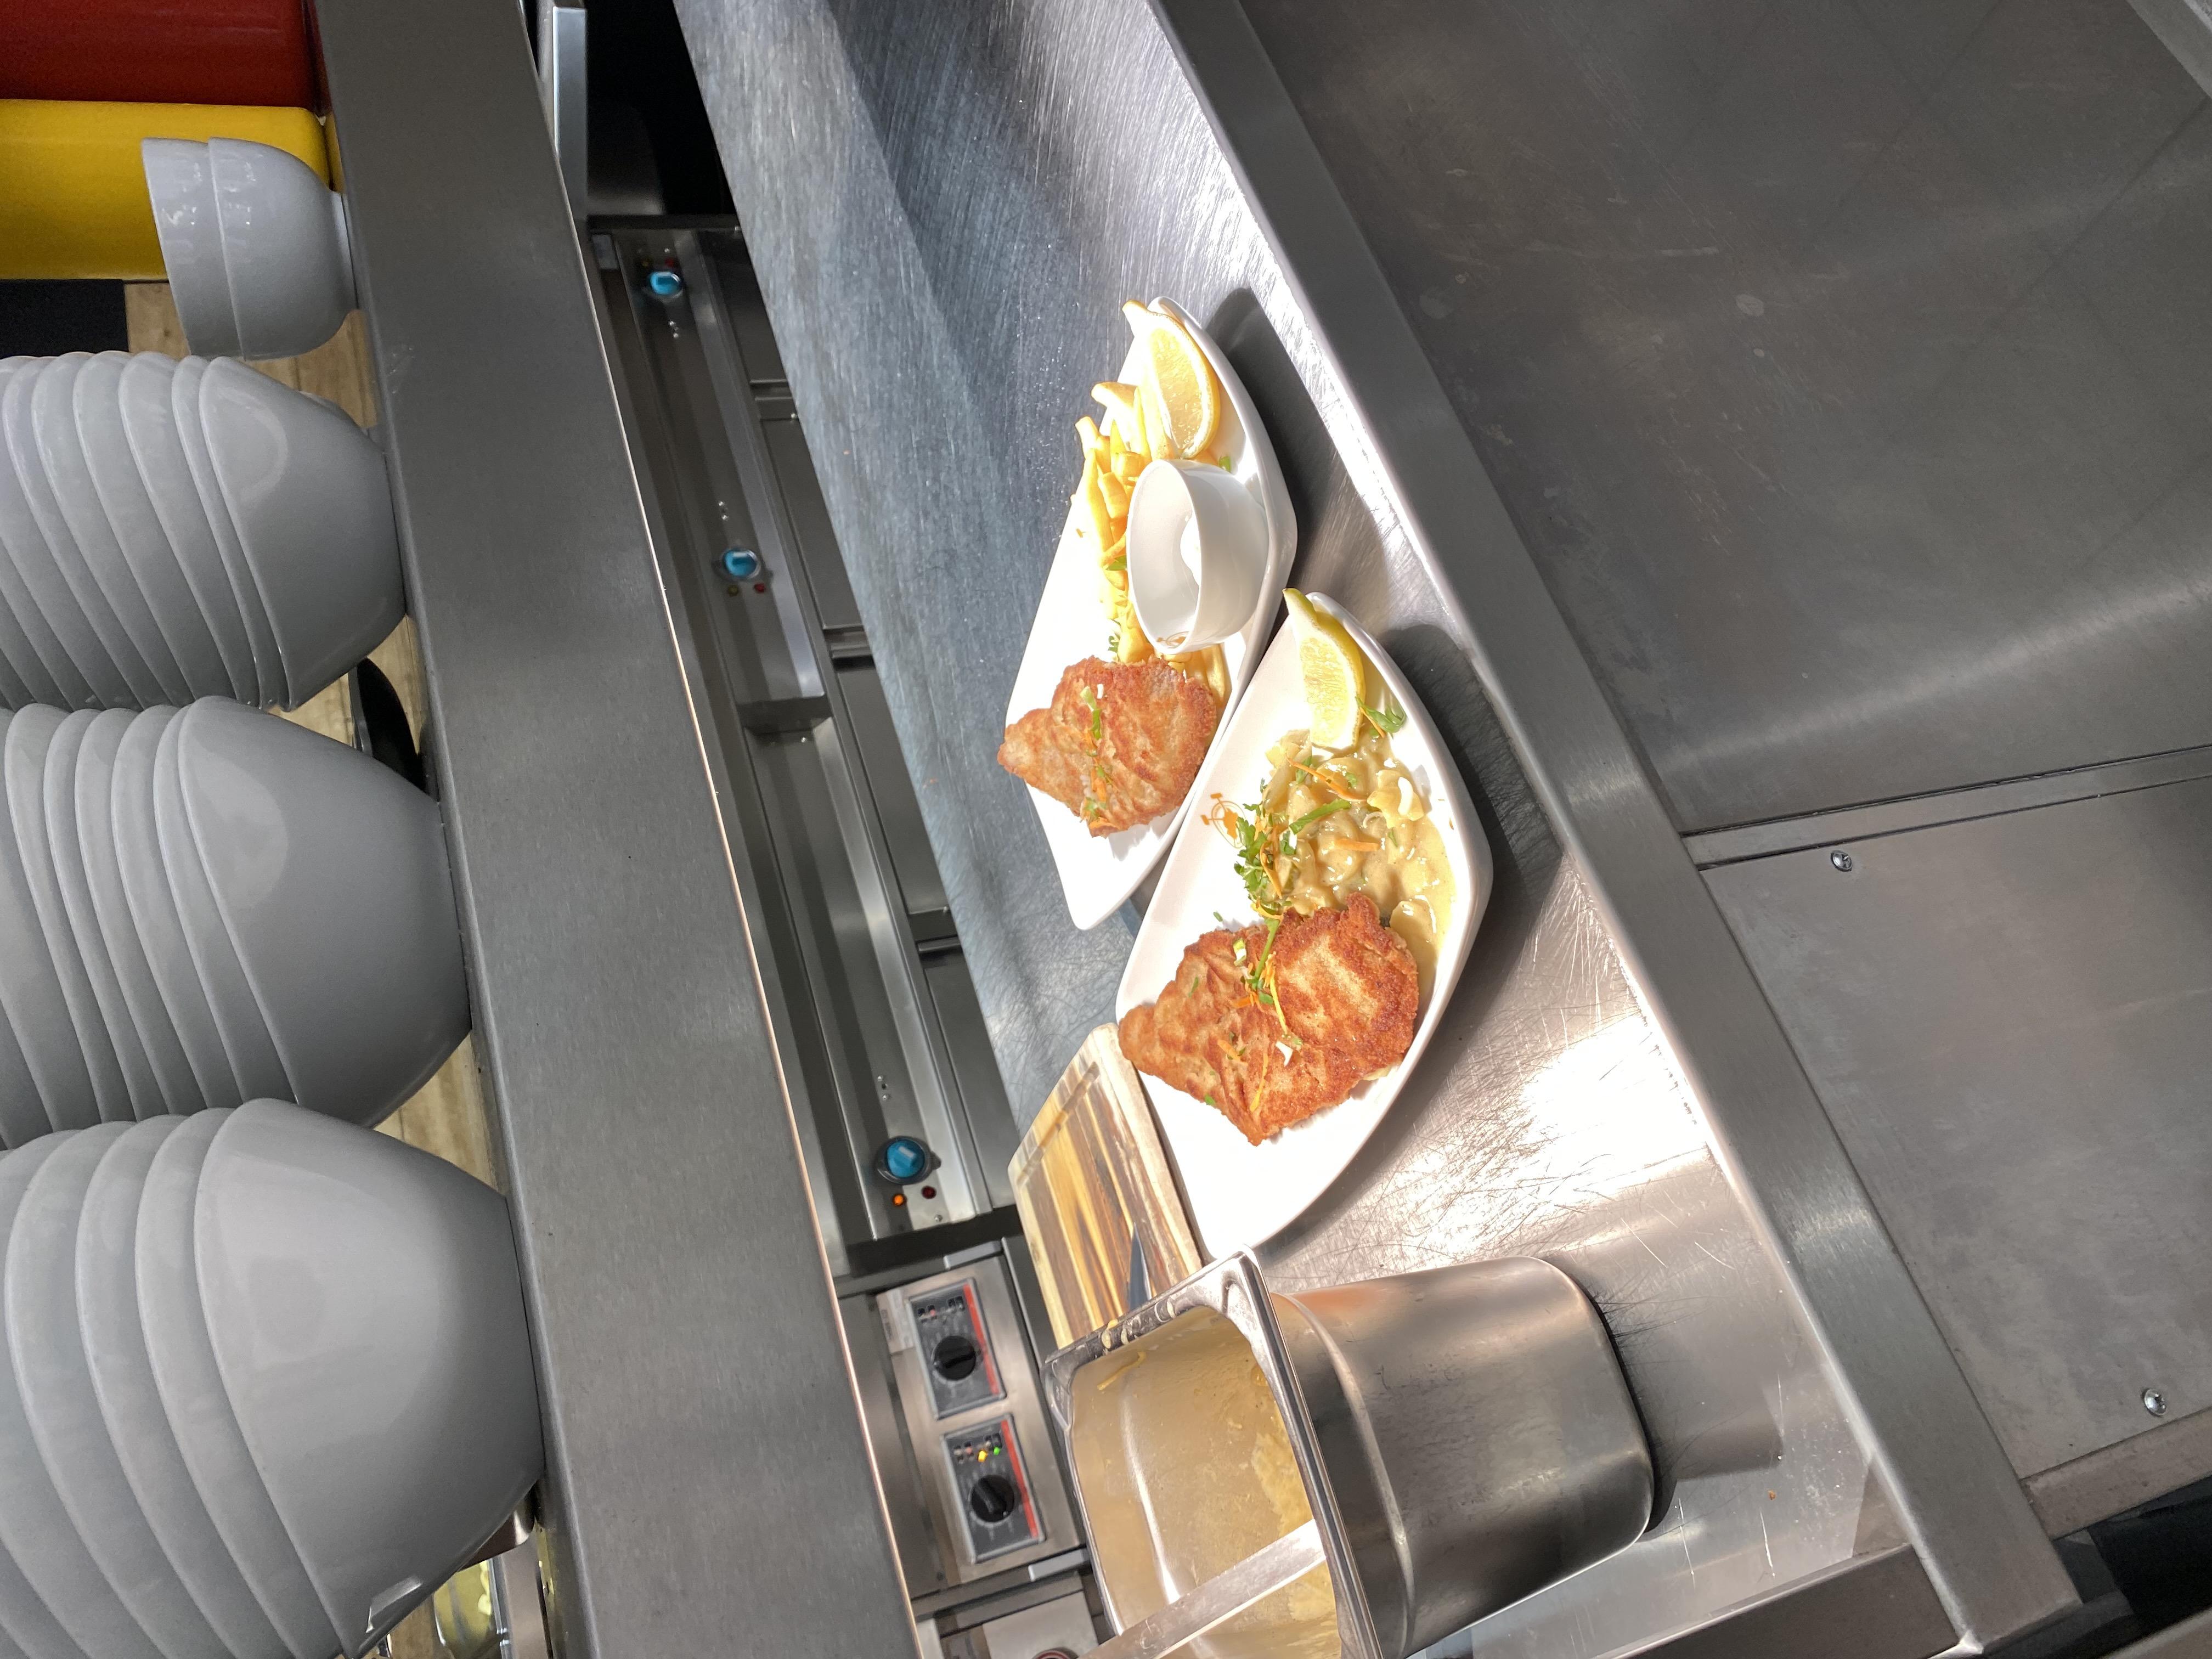 Asia Sushi Bar VanTat beste frische Sushi asiatische gesunde chinesiche Küche deutschlandweite Filialen asiatische Art Zutaten